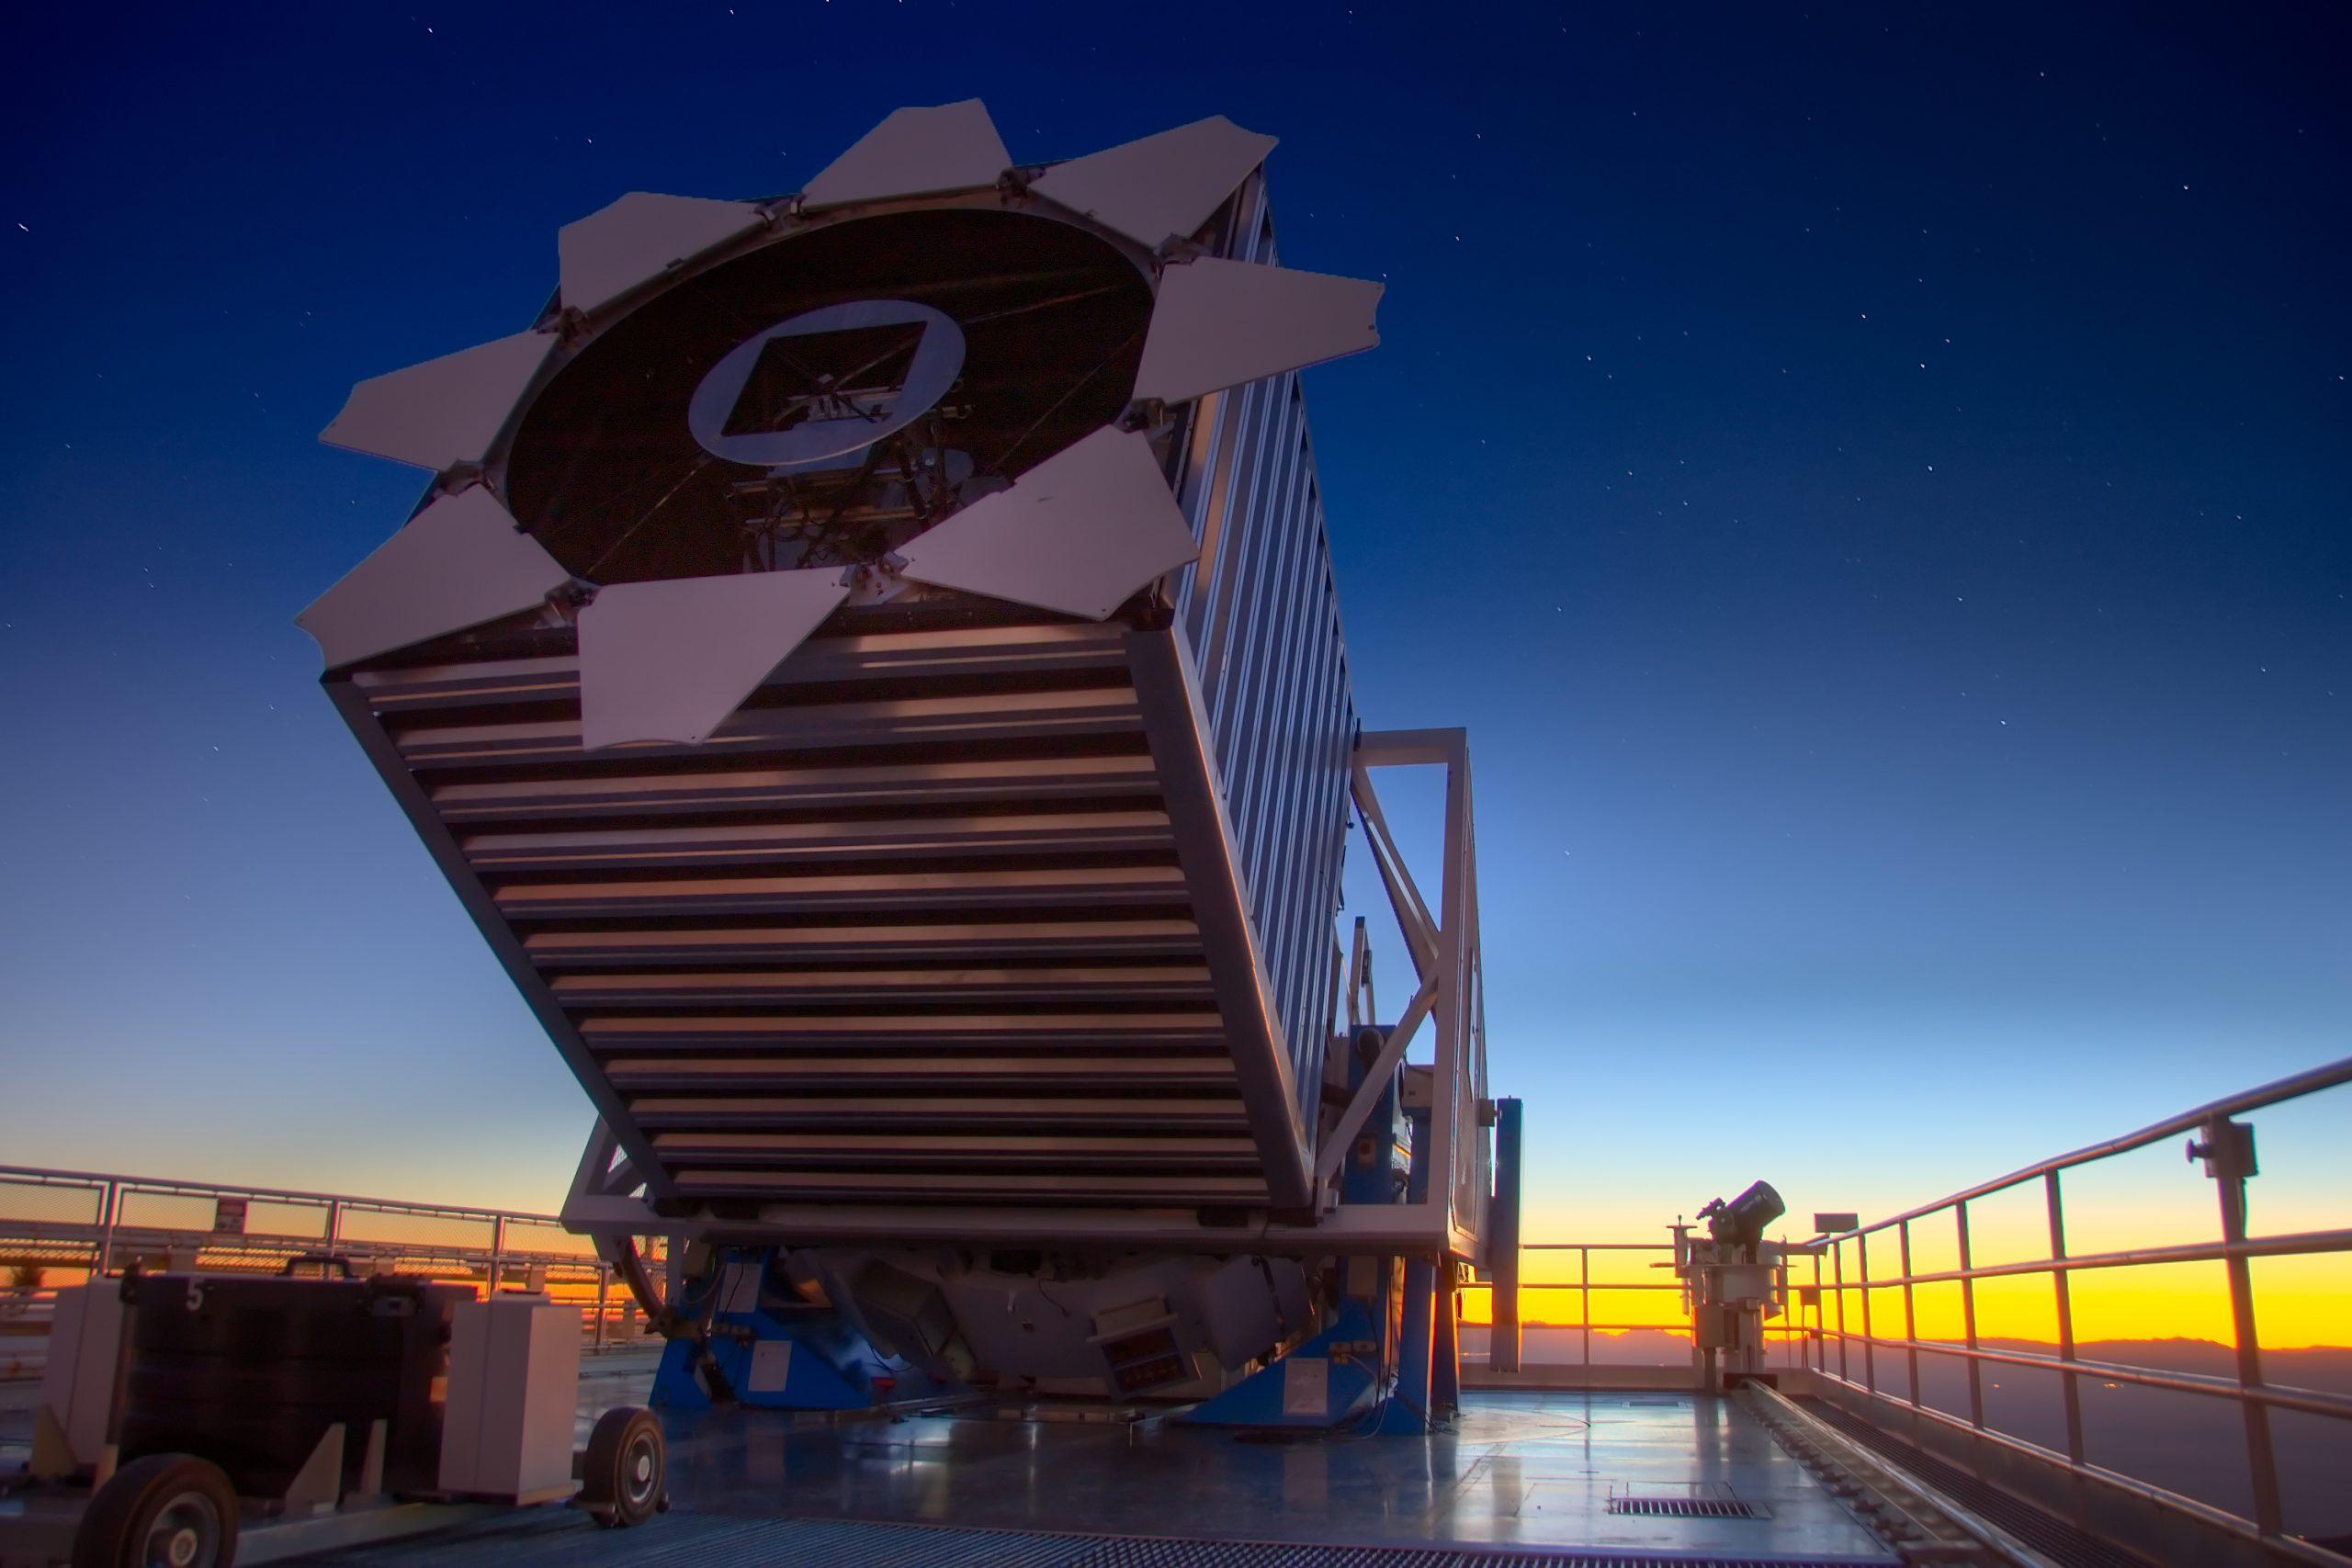 Alieni o sono assioni di materia oscura?